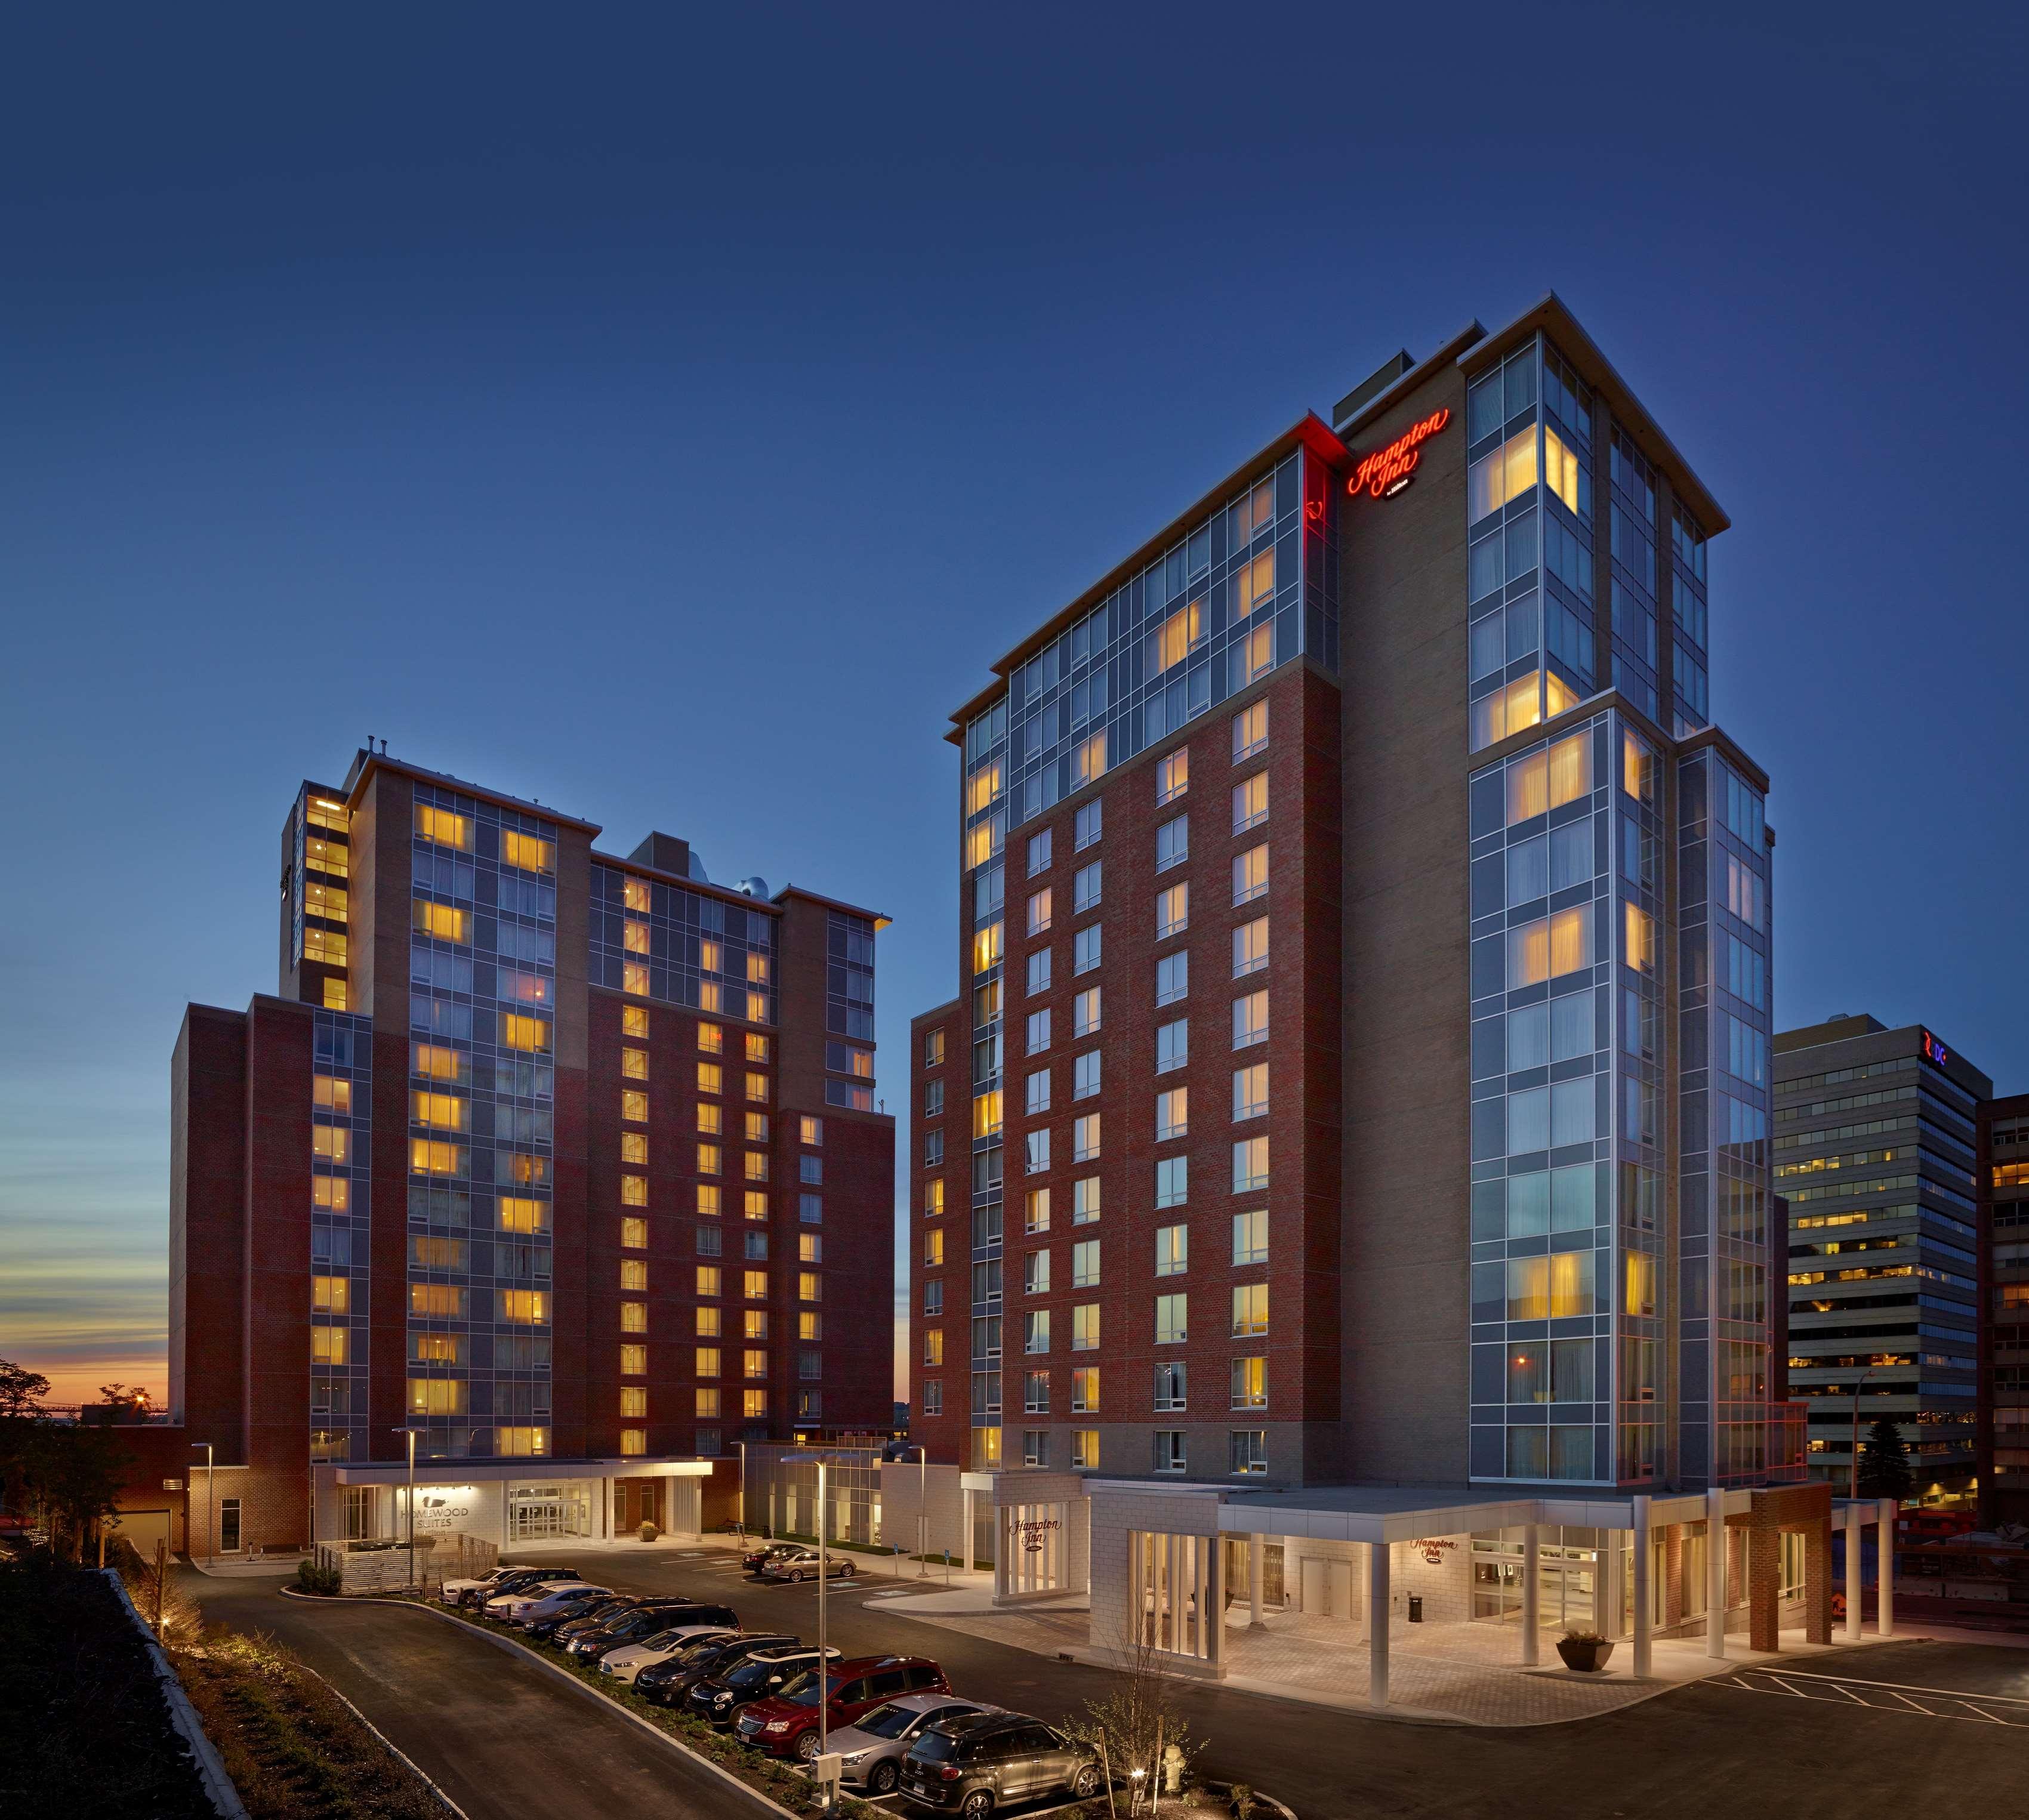 Hampton Inn by Hilton Halifax Downtown in Halifax: Exterior